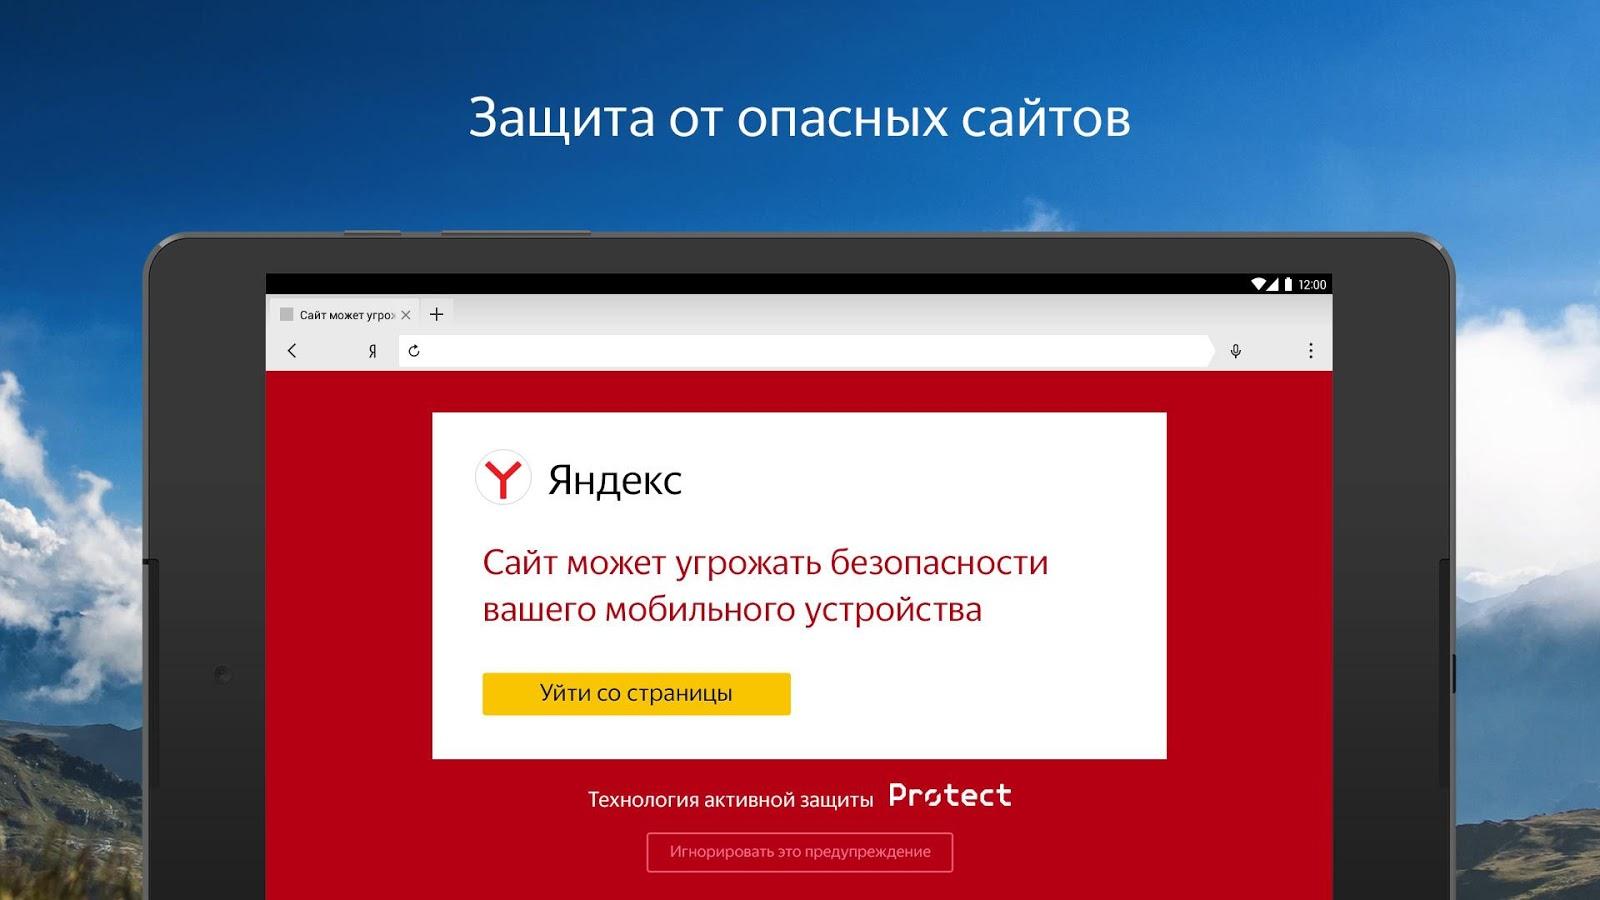 Скачать яндекс браузер бесплатно для компьютера.